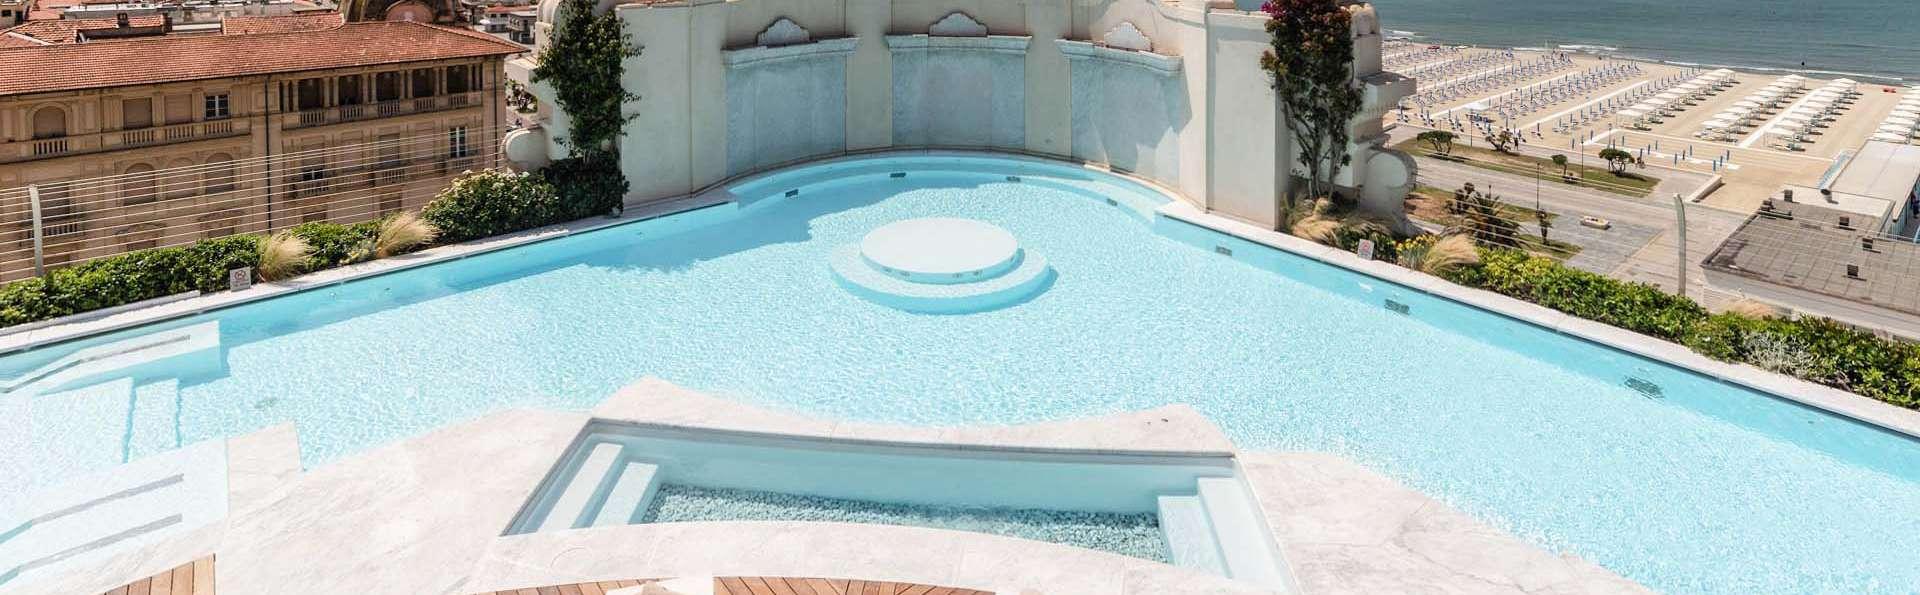 Grand Hotel Principe di Piemonte - EDIT_POOL_01.jpg